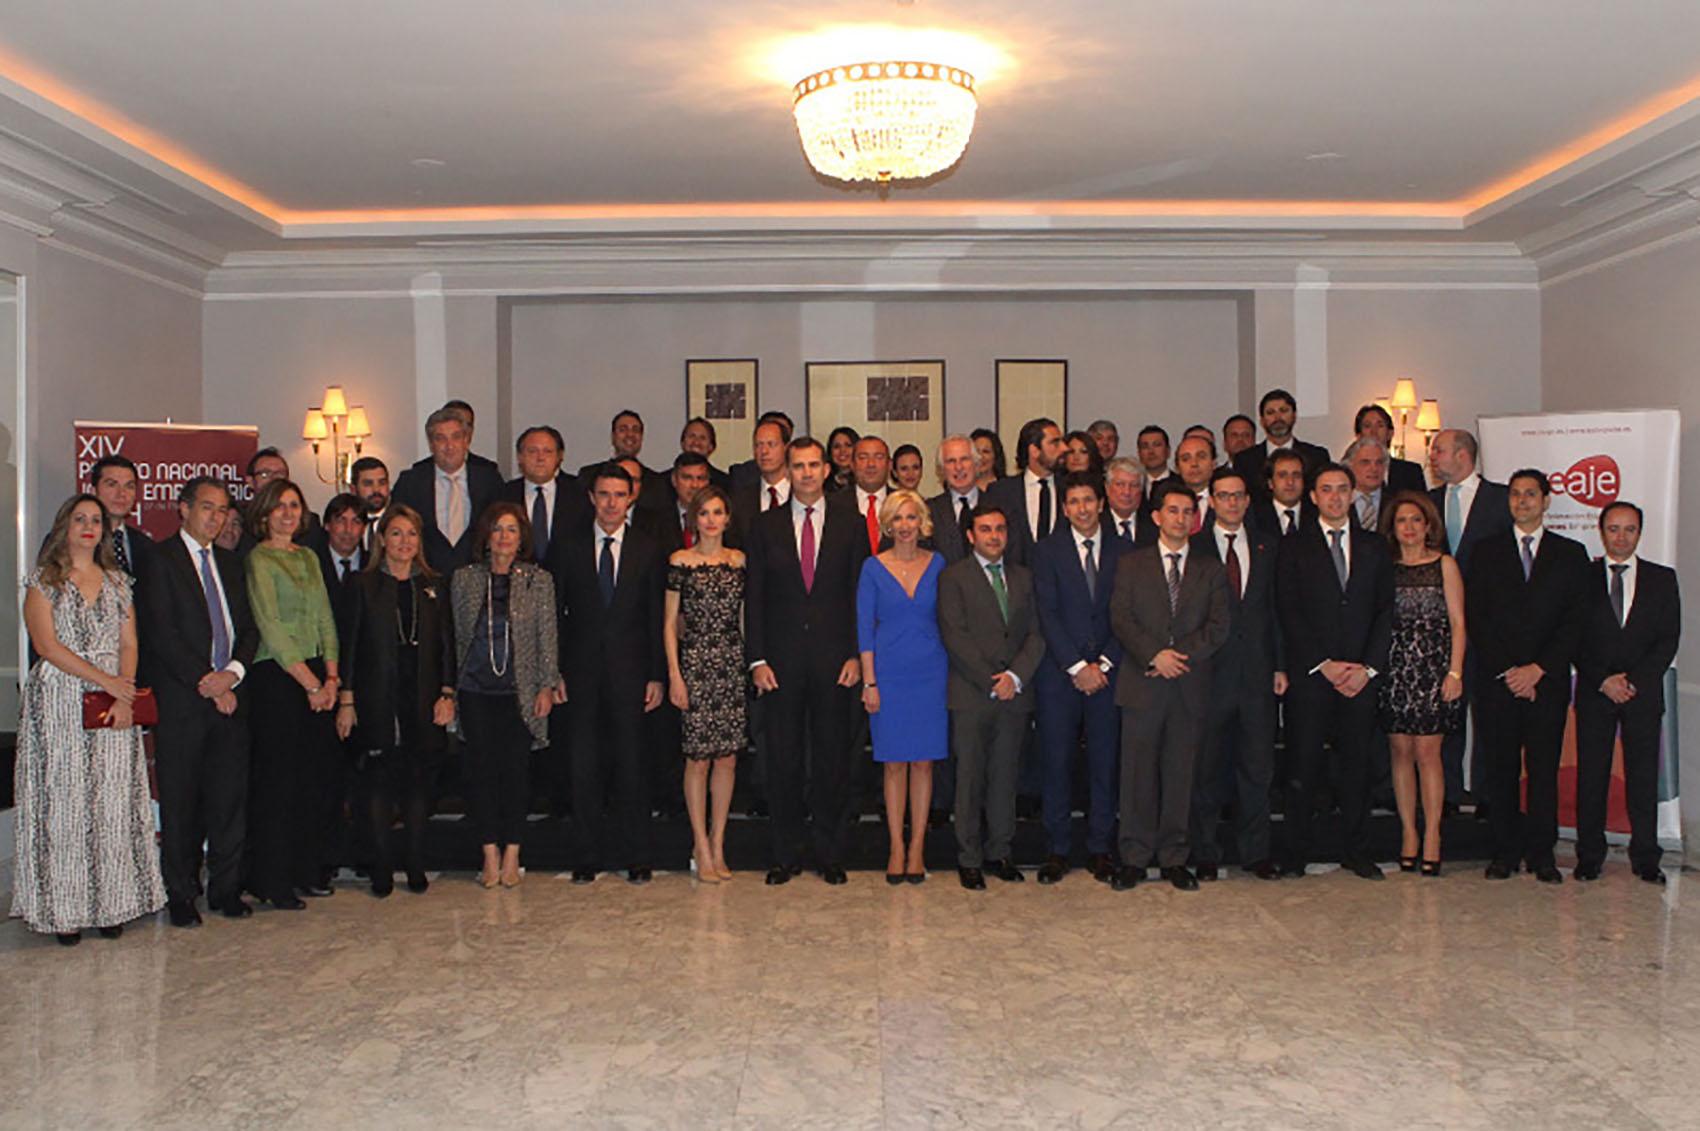 CEAJE convoca el XV Premio Nacional Joven Empresario que se entregará en Granada